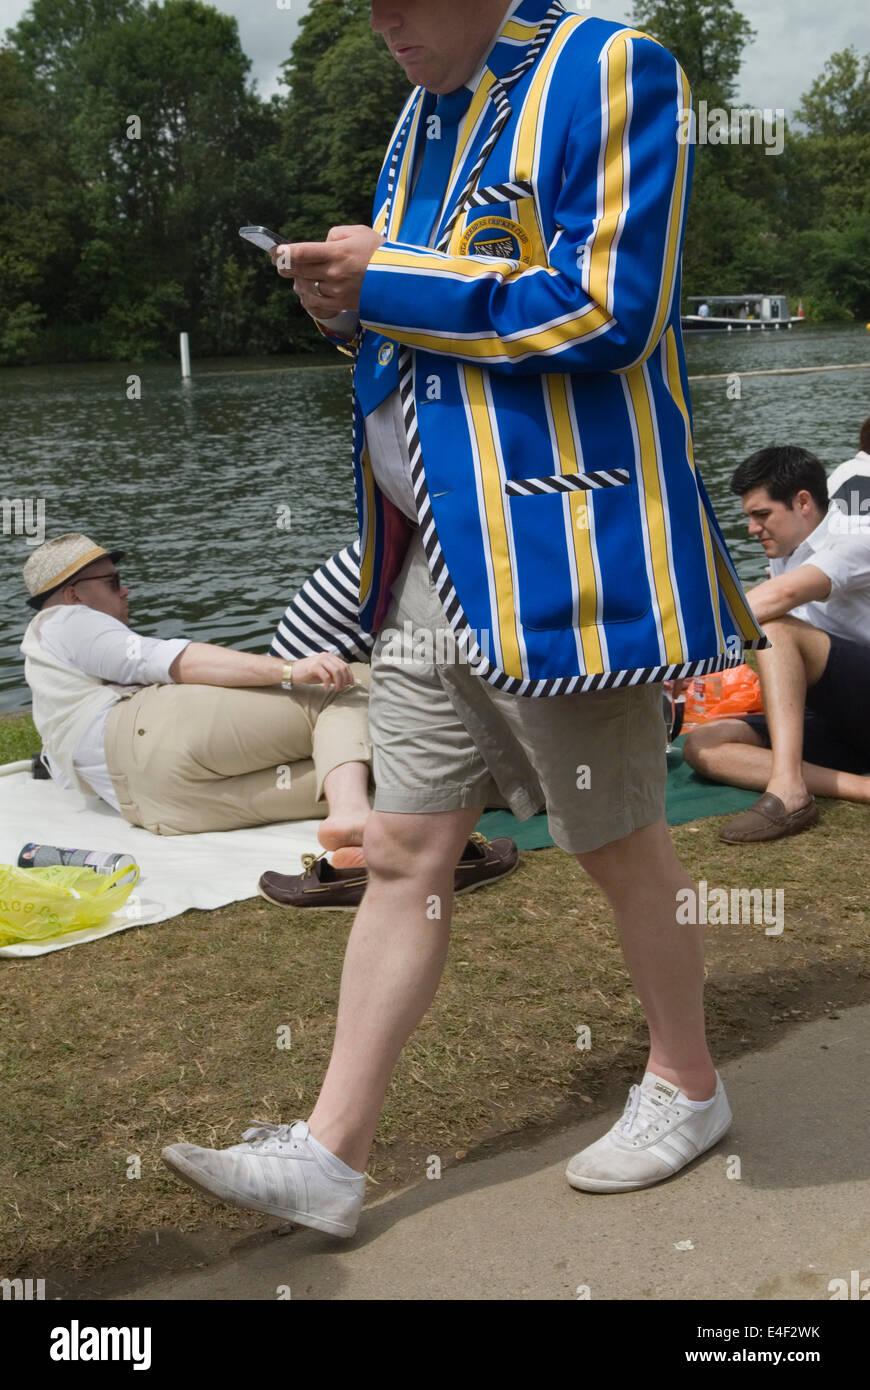 Henley on Thames REINO UNIDO. Un Englishmans patas blancas en pantalones cortos. HOMER SYKES Imagen De Stock